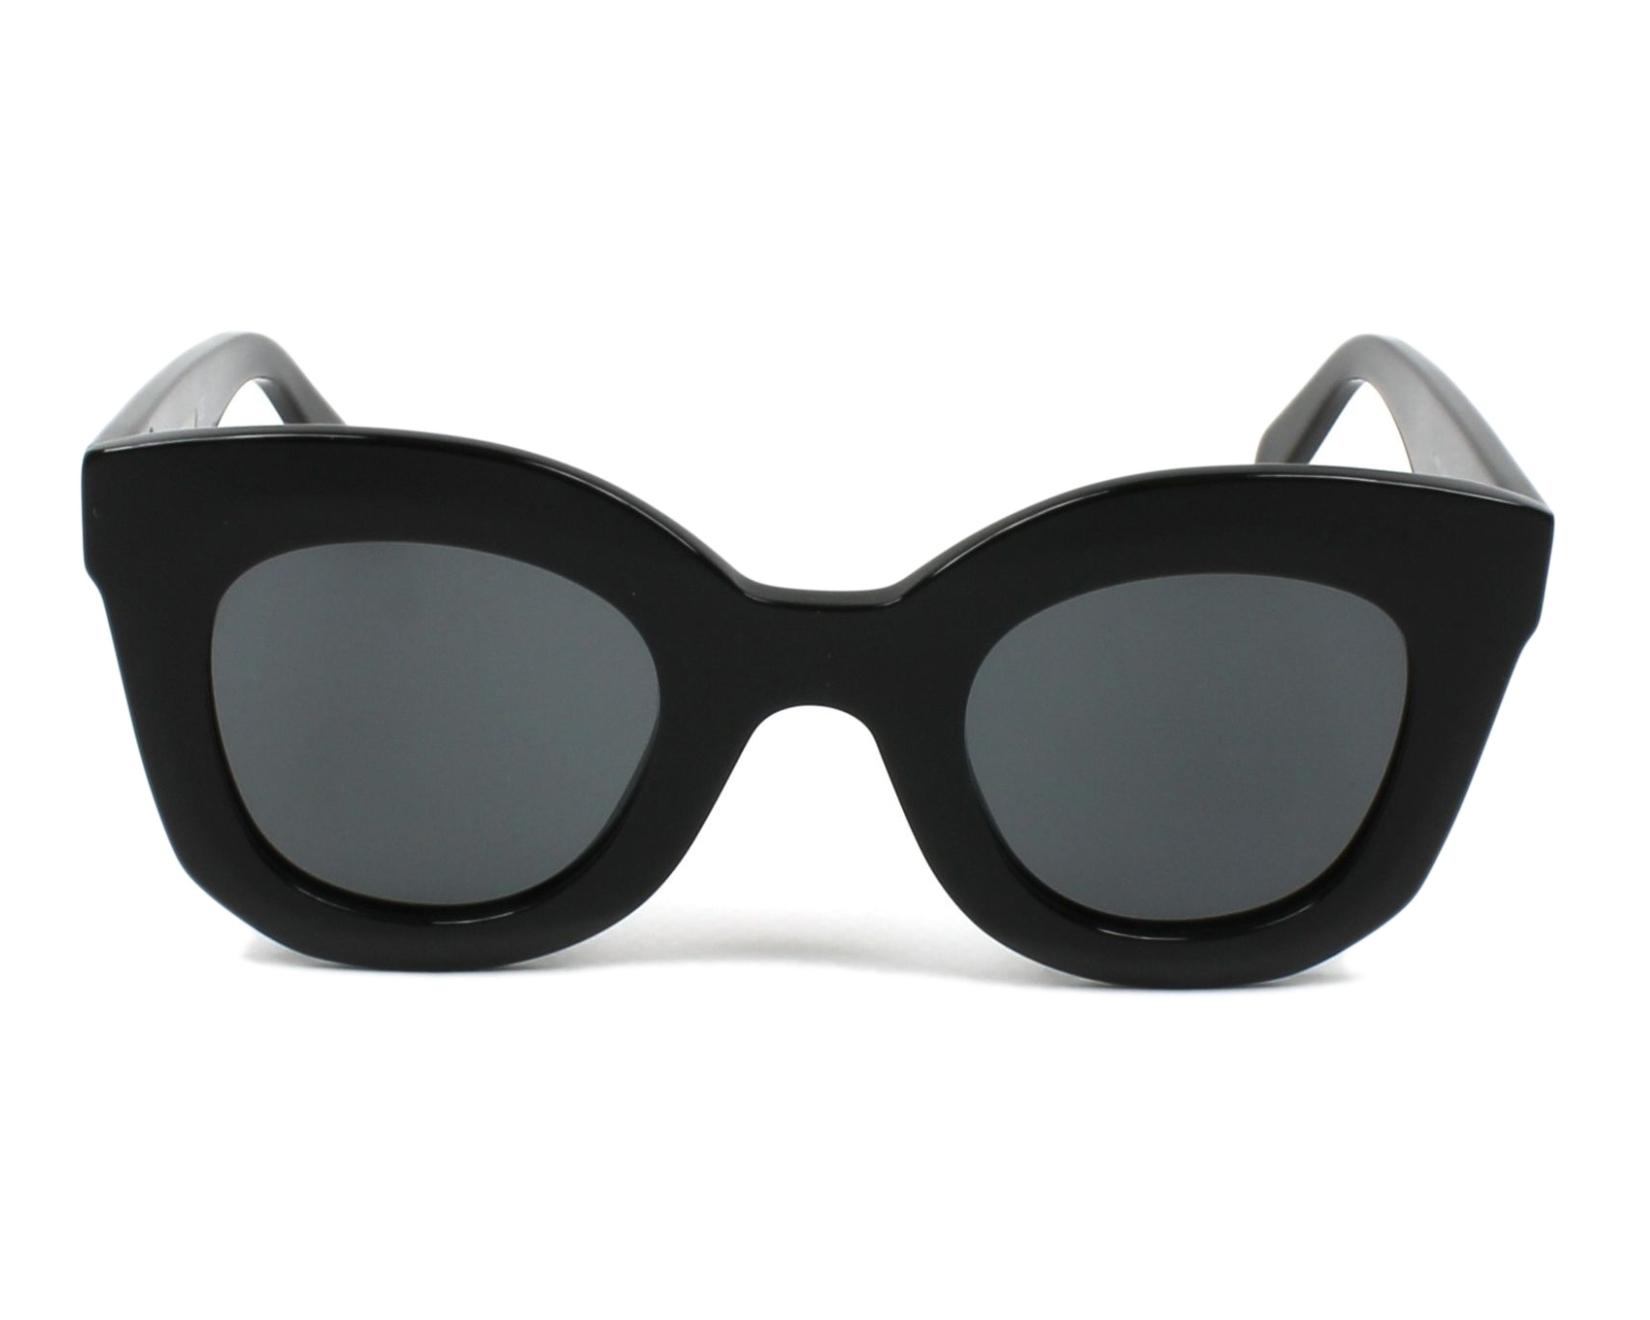 b2537dc96434 thumbnail Sunglasses Céline CL-41393-S 807 BN - Black front view